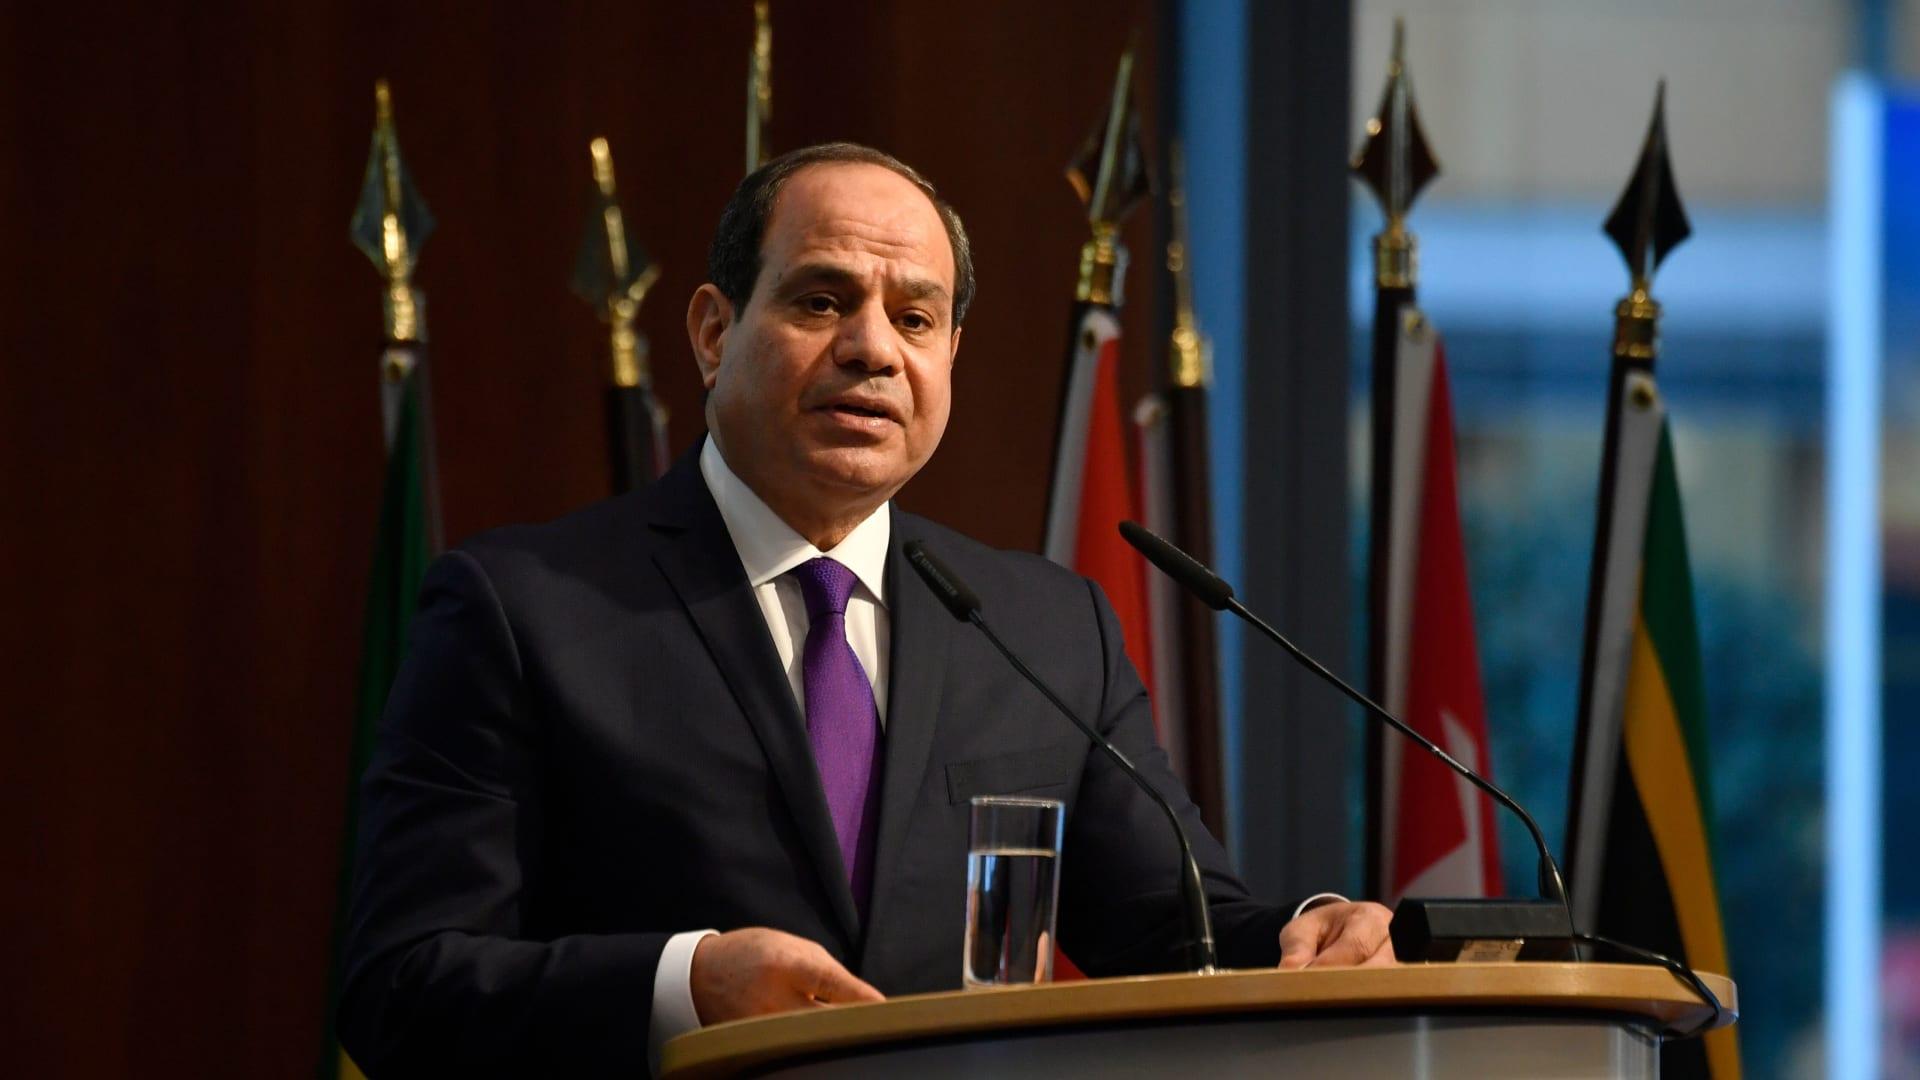 صورة أرشيفية للرئيس المصري، عبدالفتاح السيسي